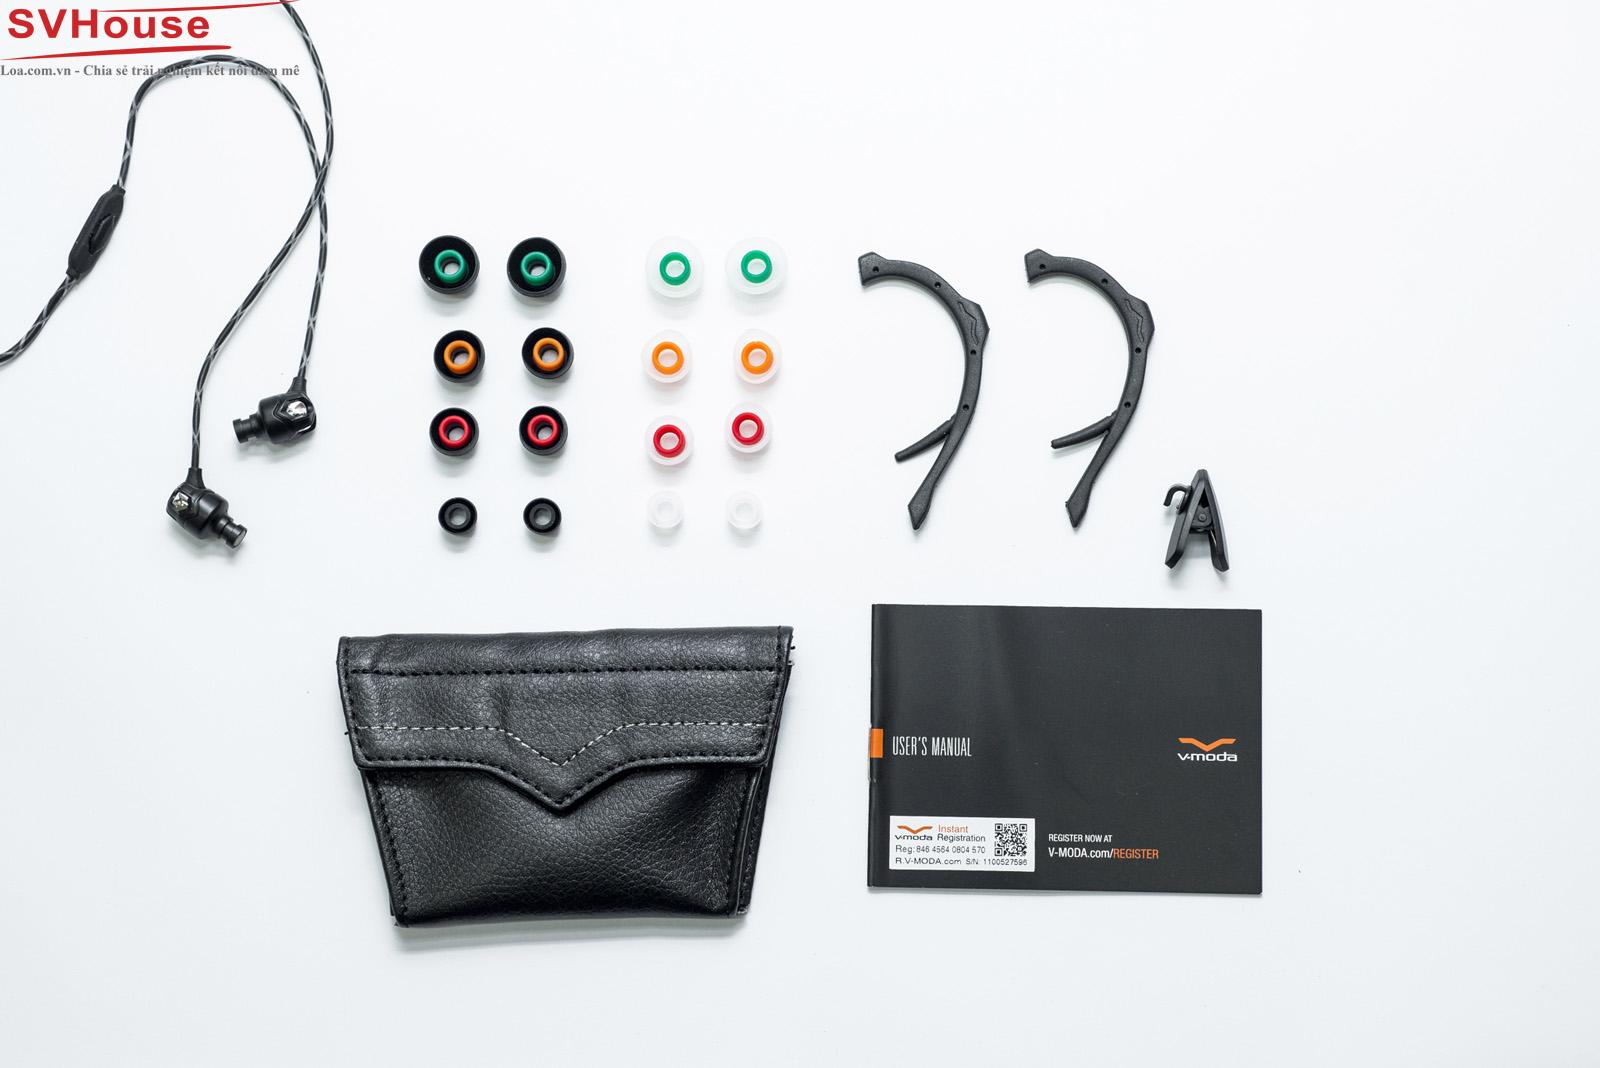 """Cuối cùng đây là toàn bộ những gì chúng ta có trong chiếc hộp của Zn. Phụ kiện của Zn đi kèm 8 bộ nút tai với 2 màu khác nhau, 1 bao da trông rất sành điệu, 1 chiếc kẹp áo cùng với 1 cặp """"Ear-Hook"""""""